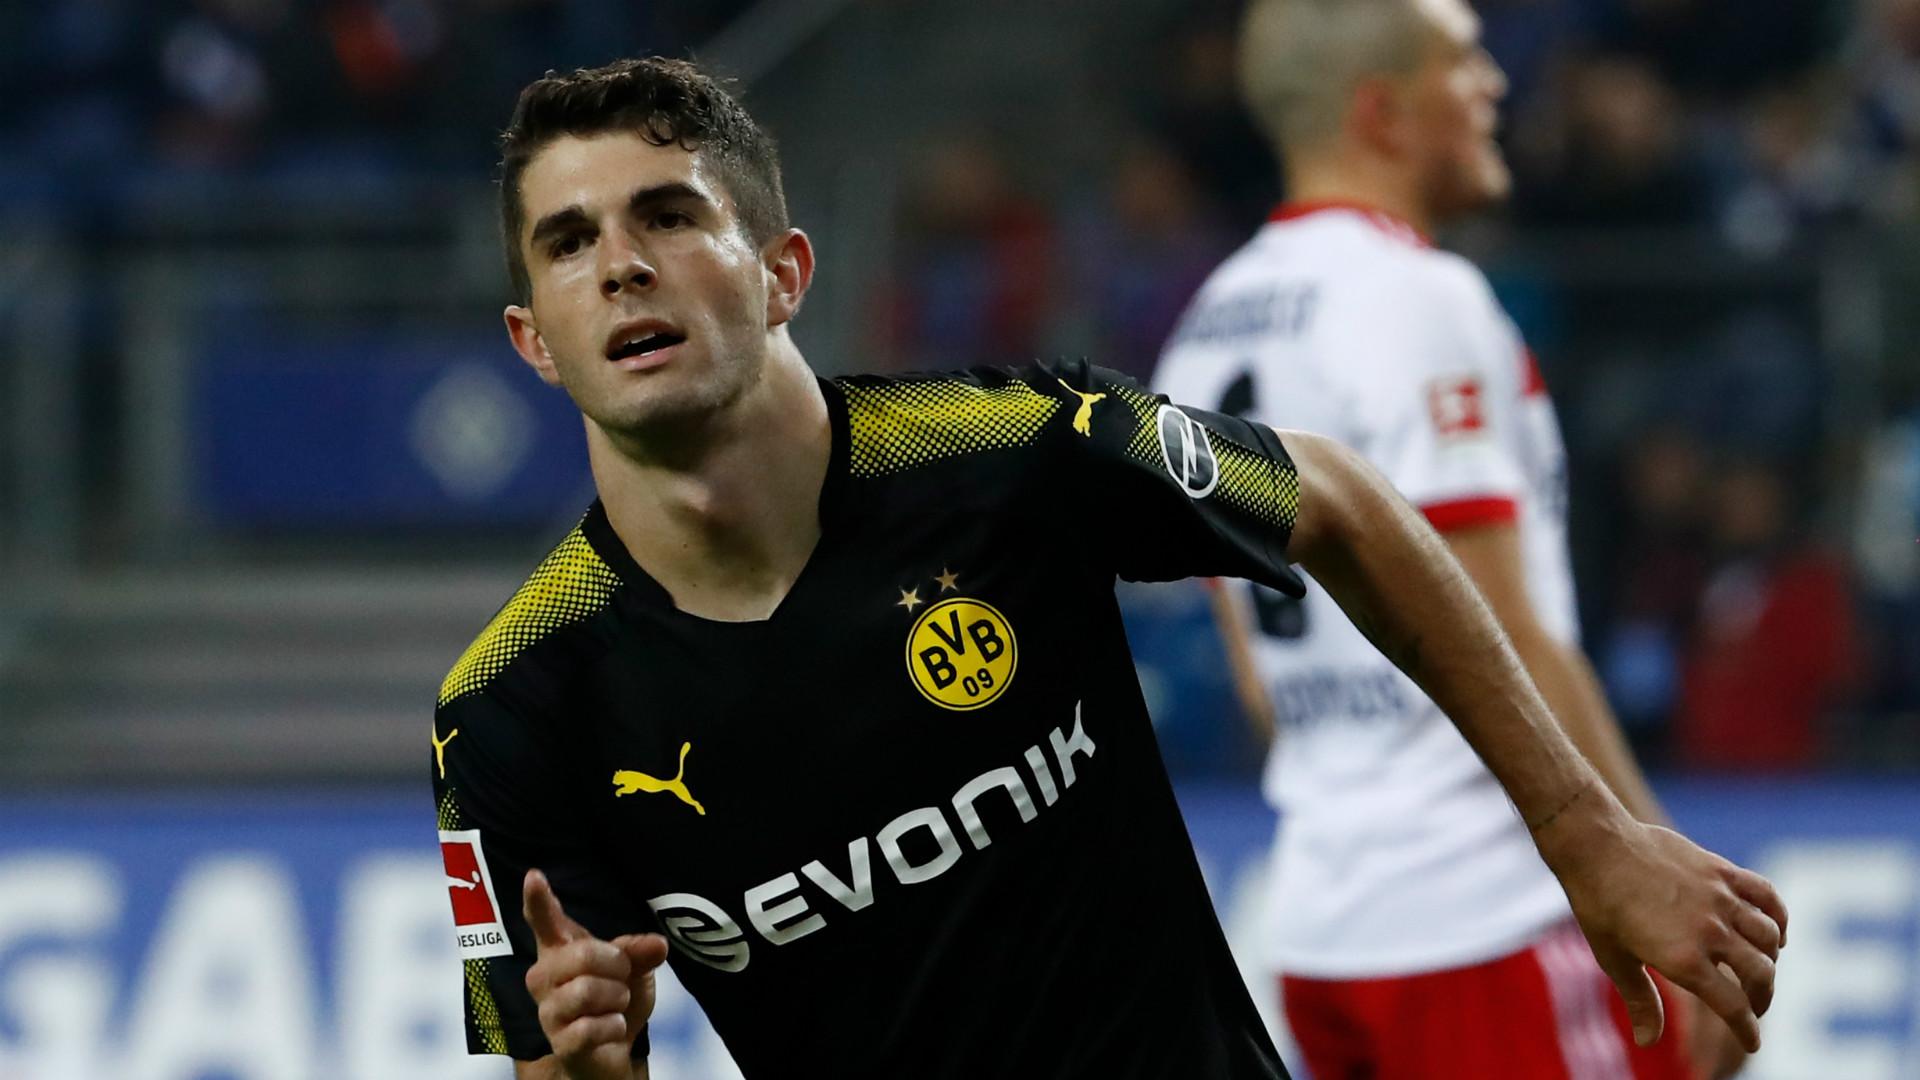 Hamburger SV 0-3 Borussia Dortmund